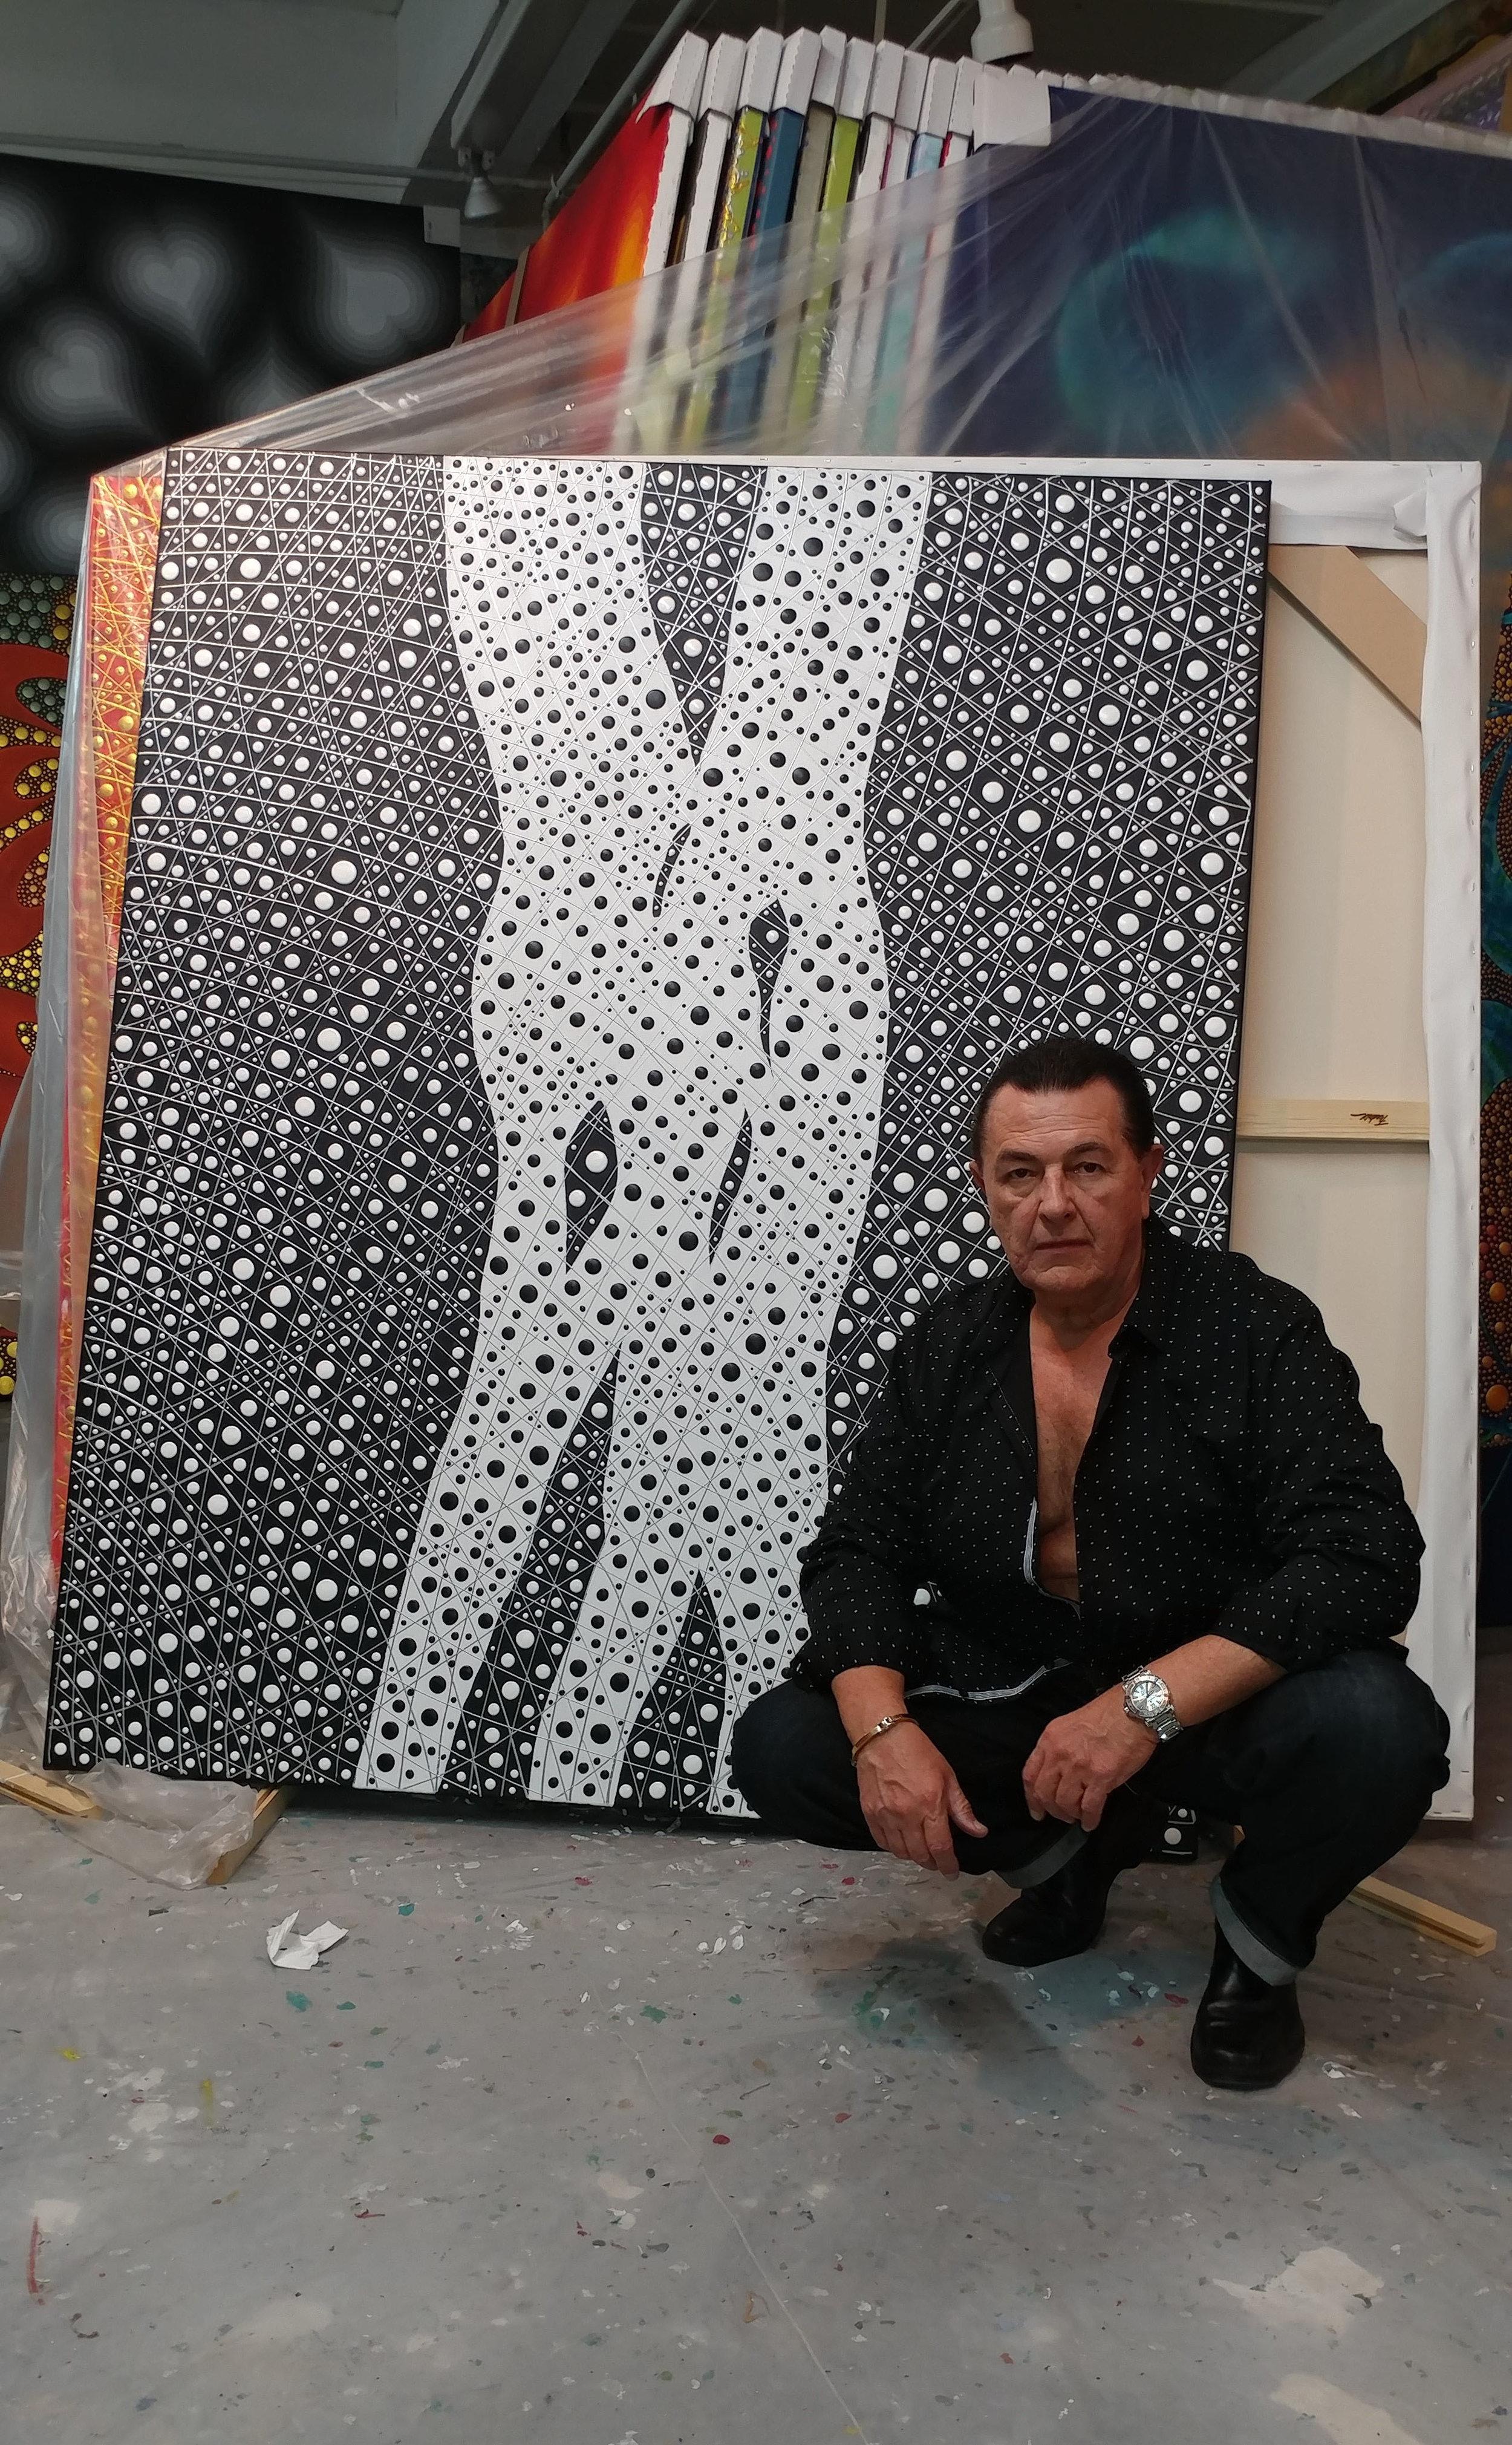 Vladimir In Studio1.jpg